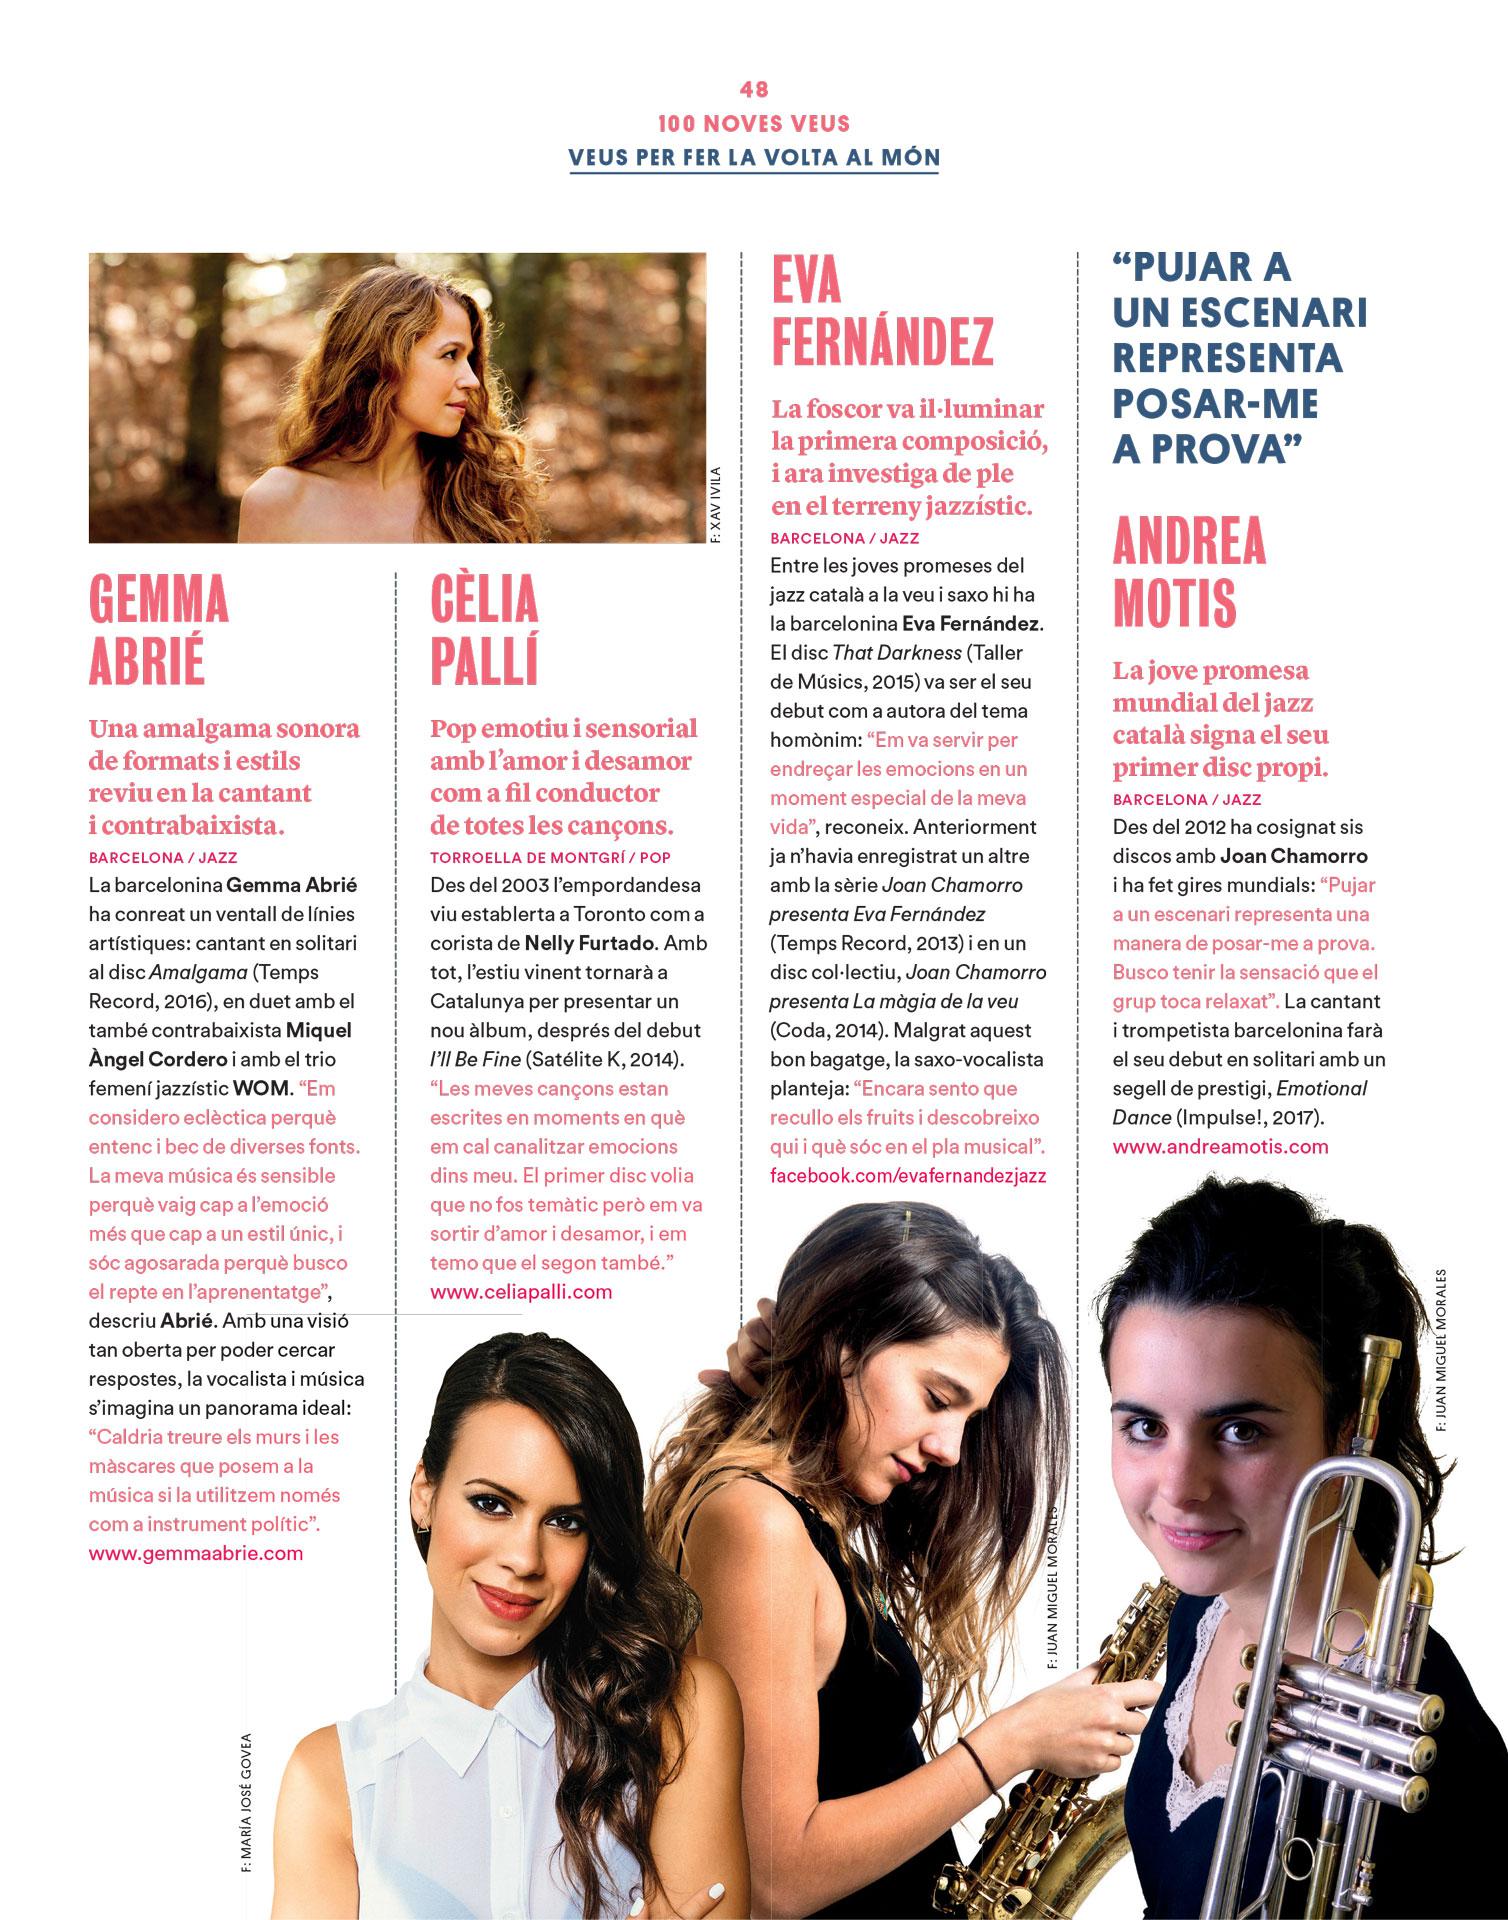 Gemma Abrié revista Enderrock novembre 2016